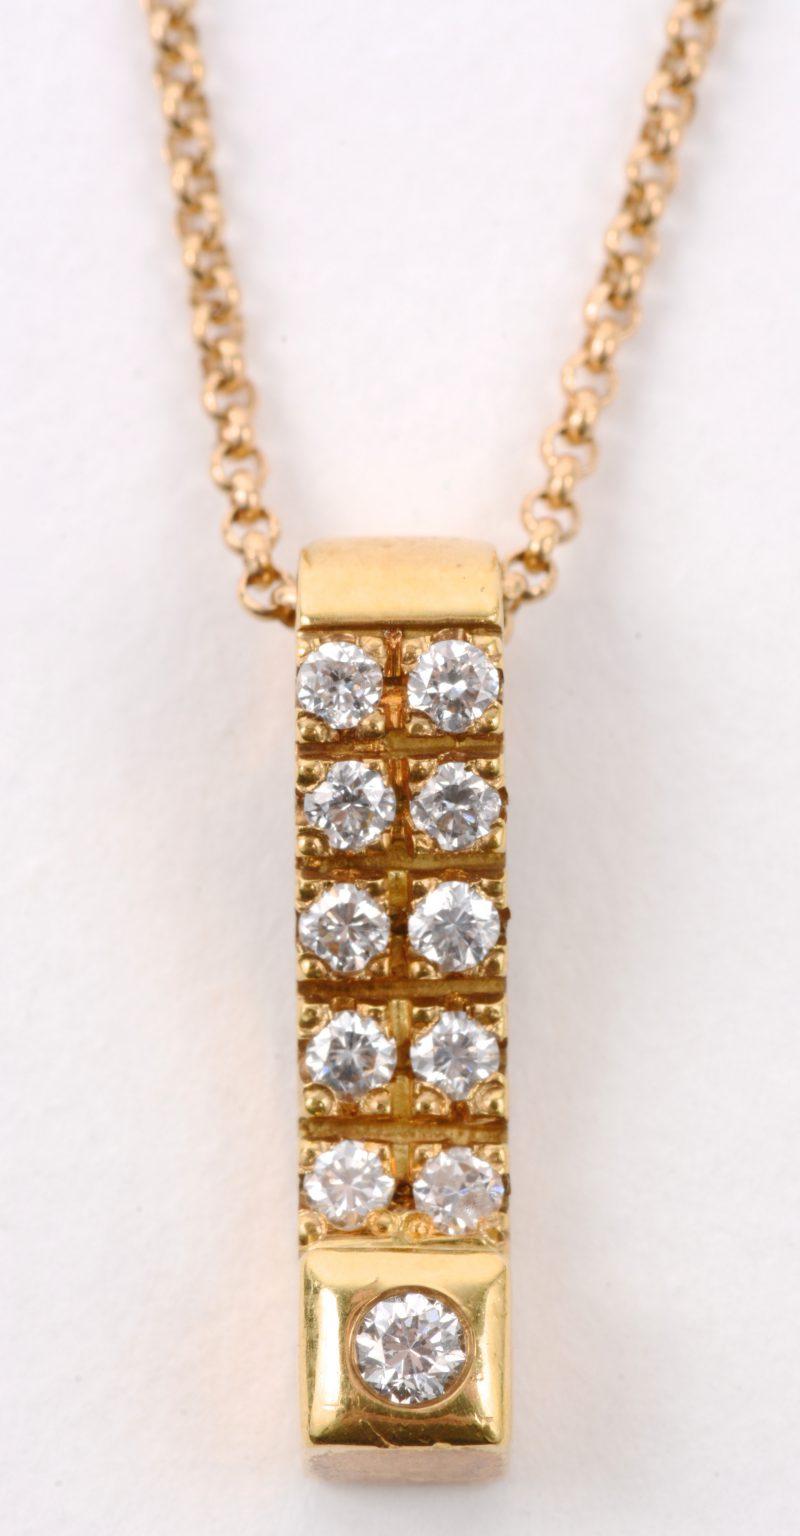 Een 18 karaats geel gouden ketting met hanger bezet met diamanten met een gezamenlijk gewicht van ± 0,14 ct.